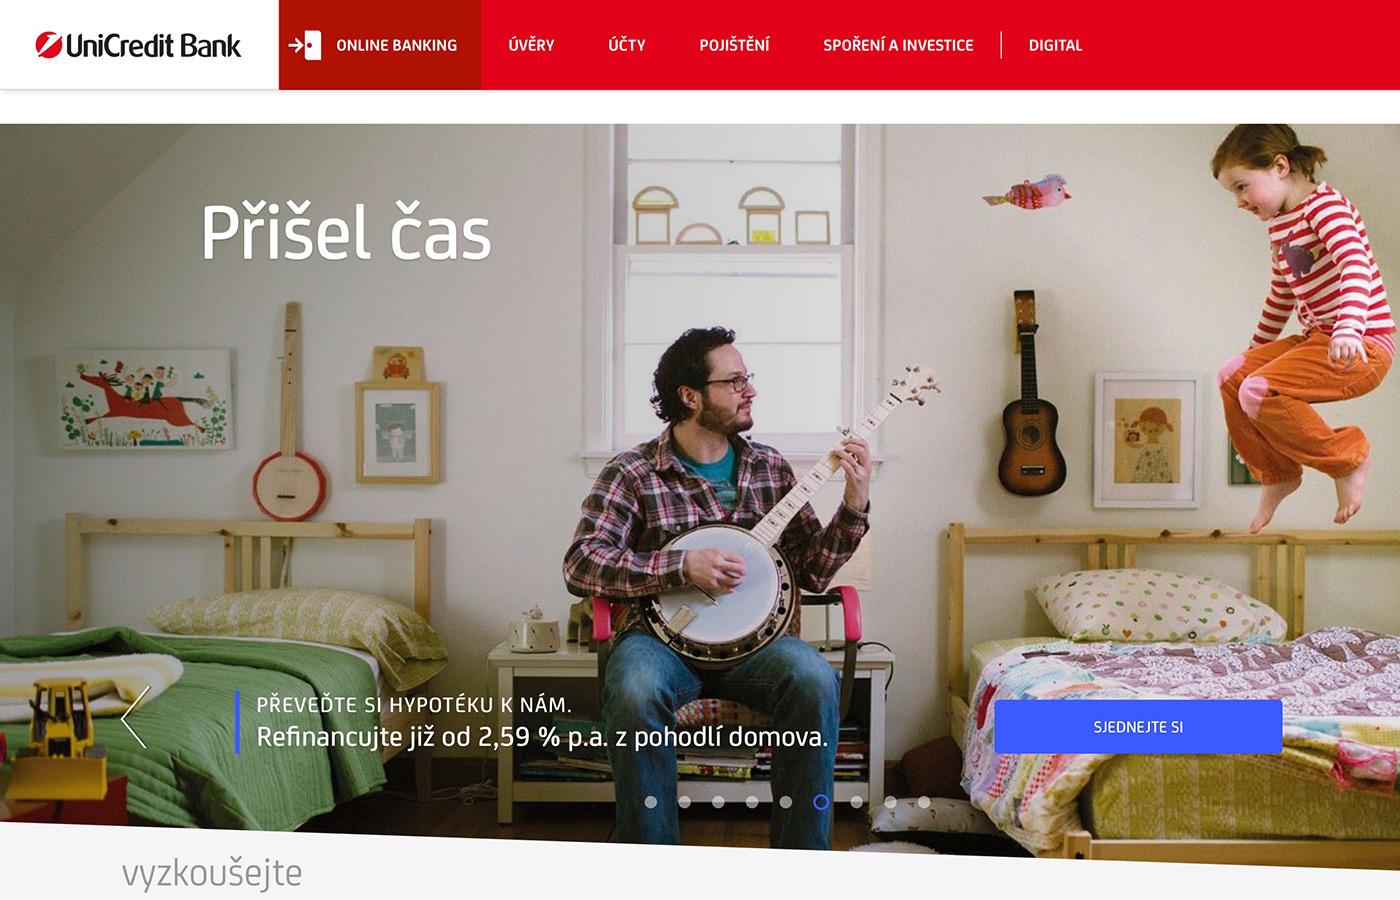 Náhled webových stránek www.unicreditbank.cz/cs/obcane.html#Uvery